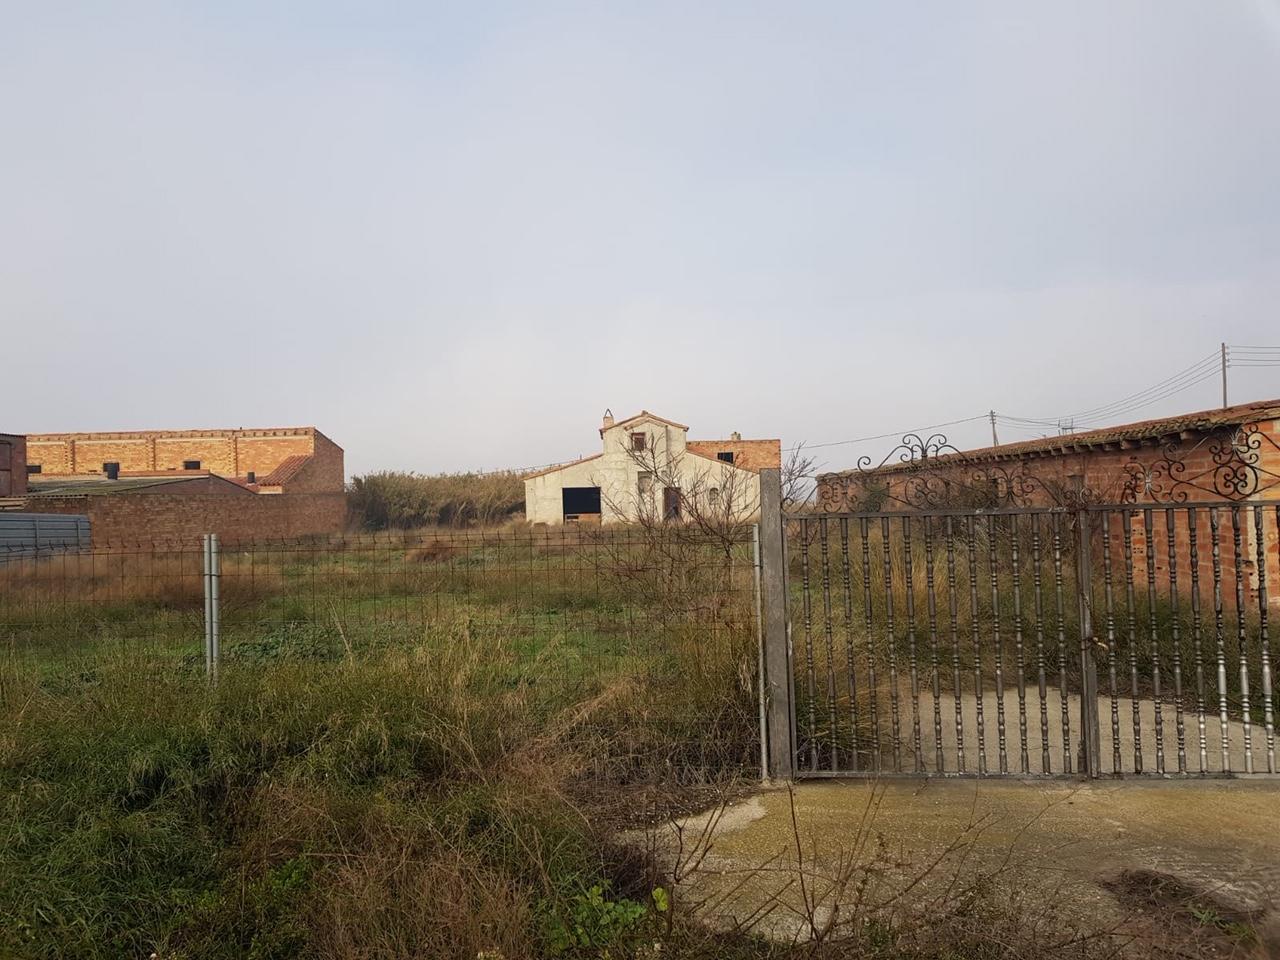 Stadtgrundstück  Torres de segre. Vivienda + granja torres de segre